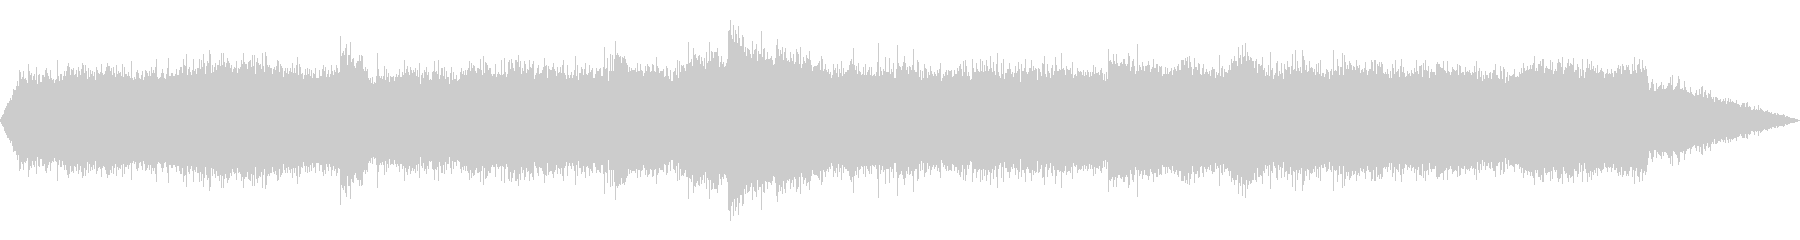 夏夜の風鈴と虫の音 01の未再生の波形